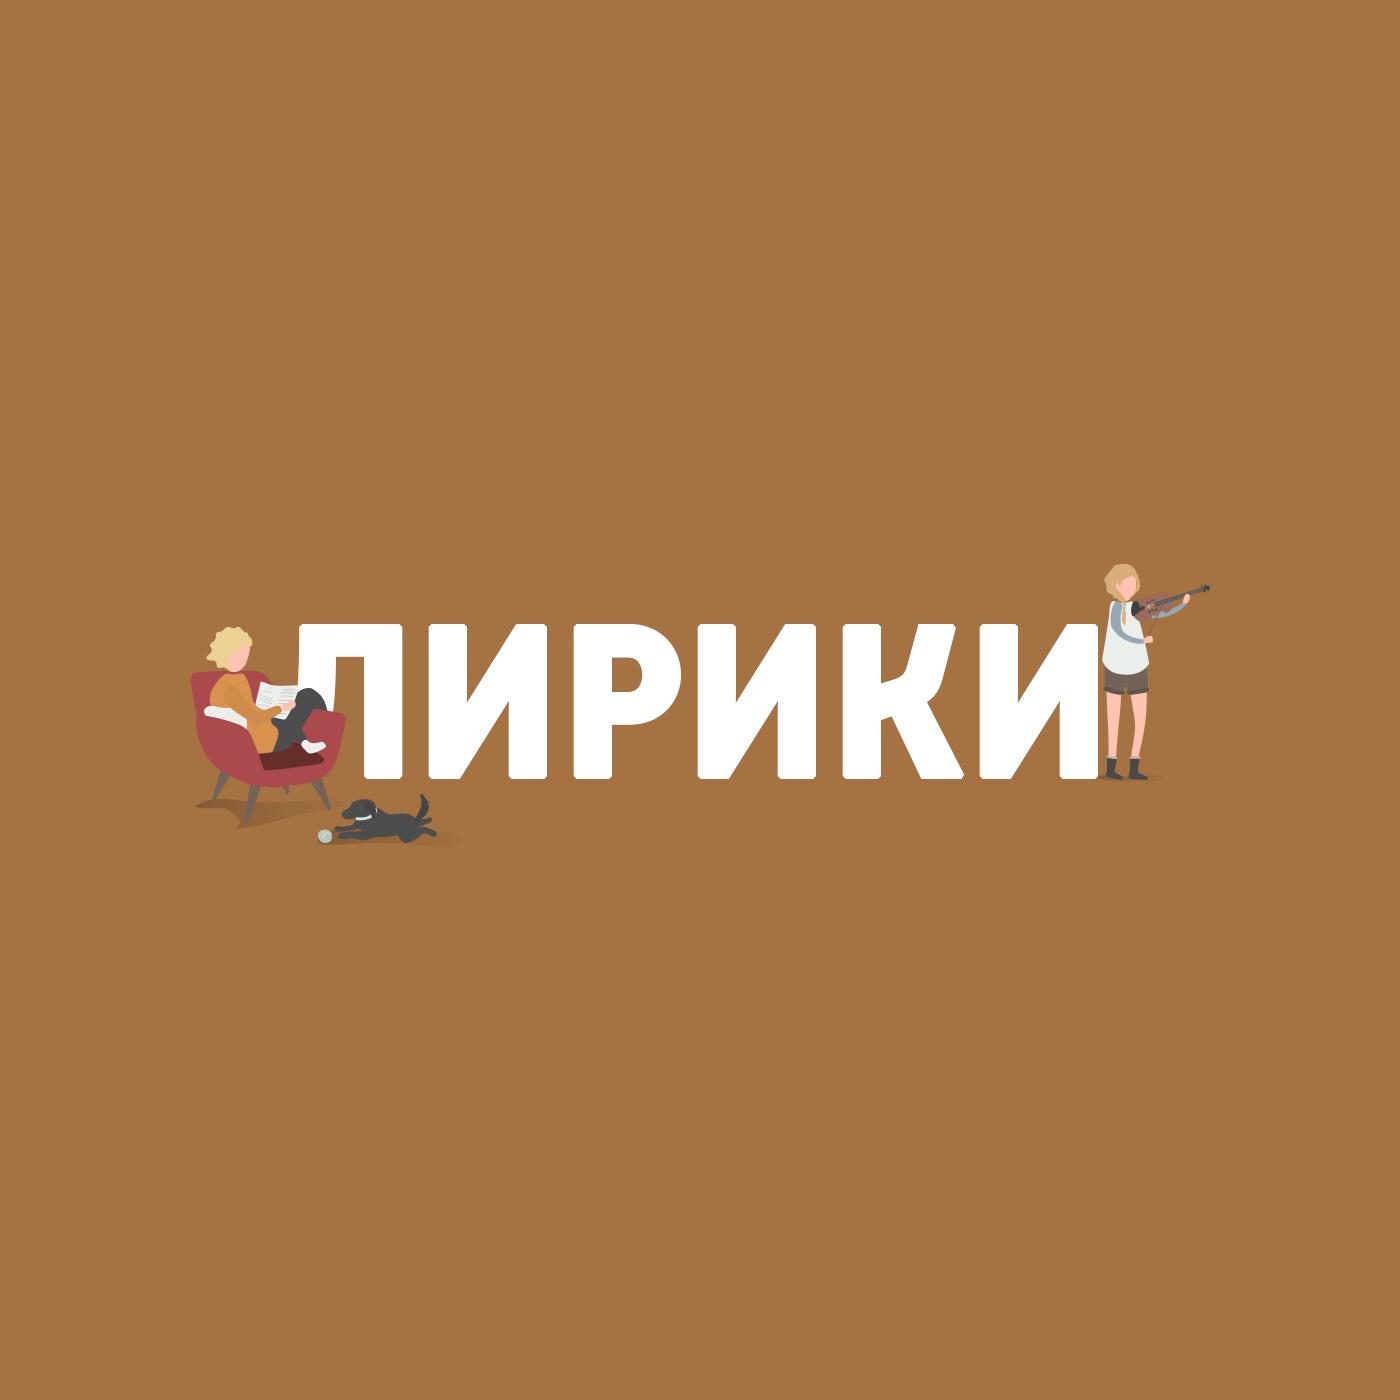 Маргарита Митрофанова Астрологический прогноз на лето 2018 года